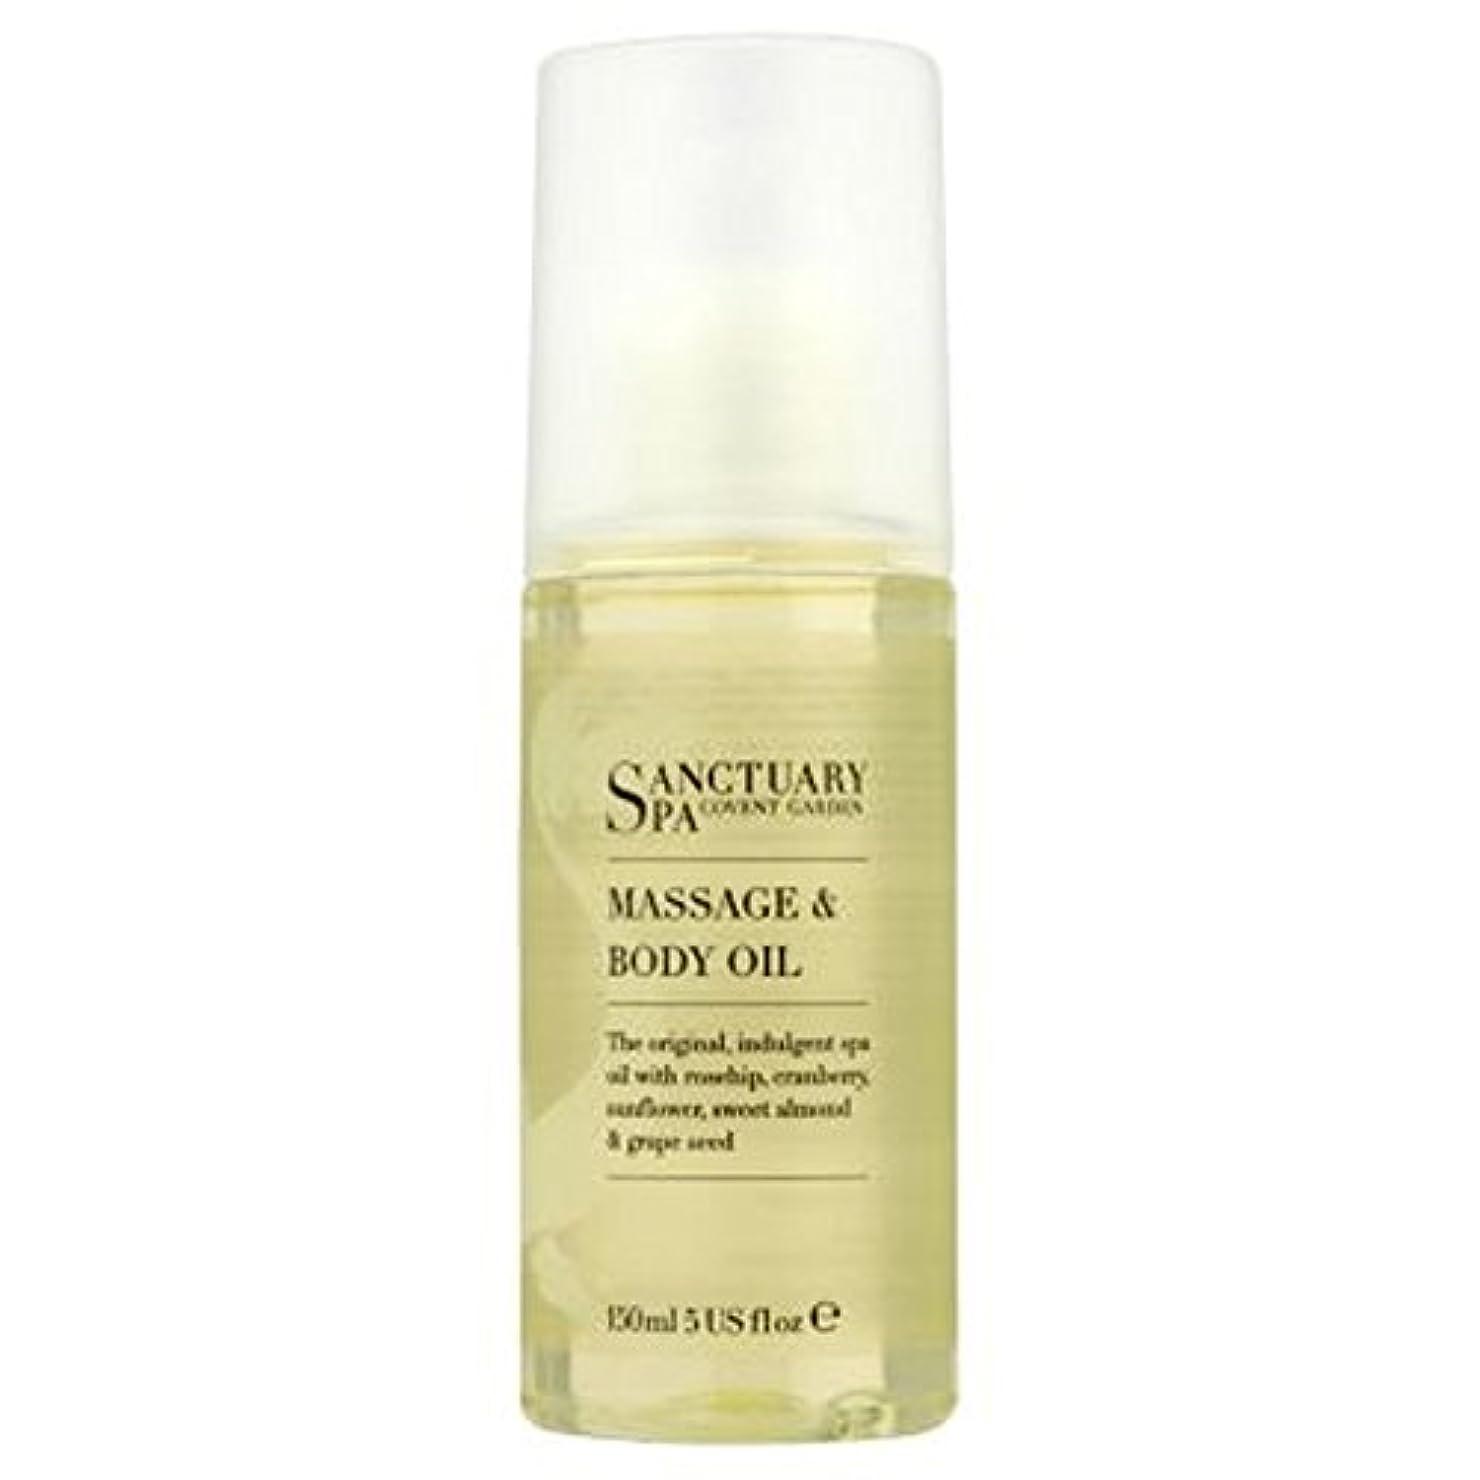 スパンナチュラル十代Sanctuary Daily Spa Escape Massage and Body Oil - 150ml - 聖域毎日のスパエスケープマッサージやボディオイル - 150ミリリットル (Sanctuary) [並行輸入品]